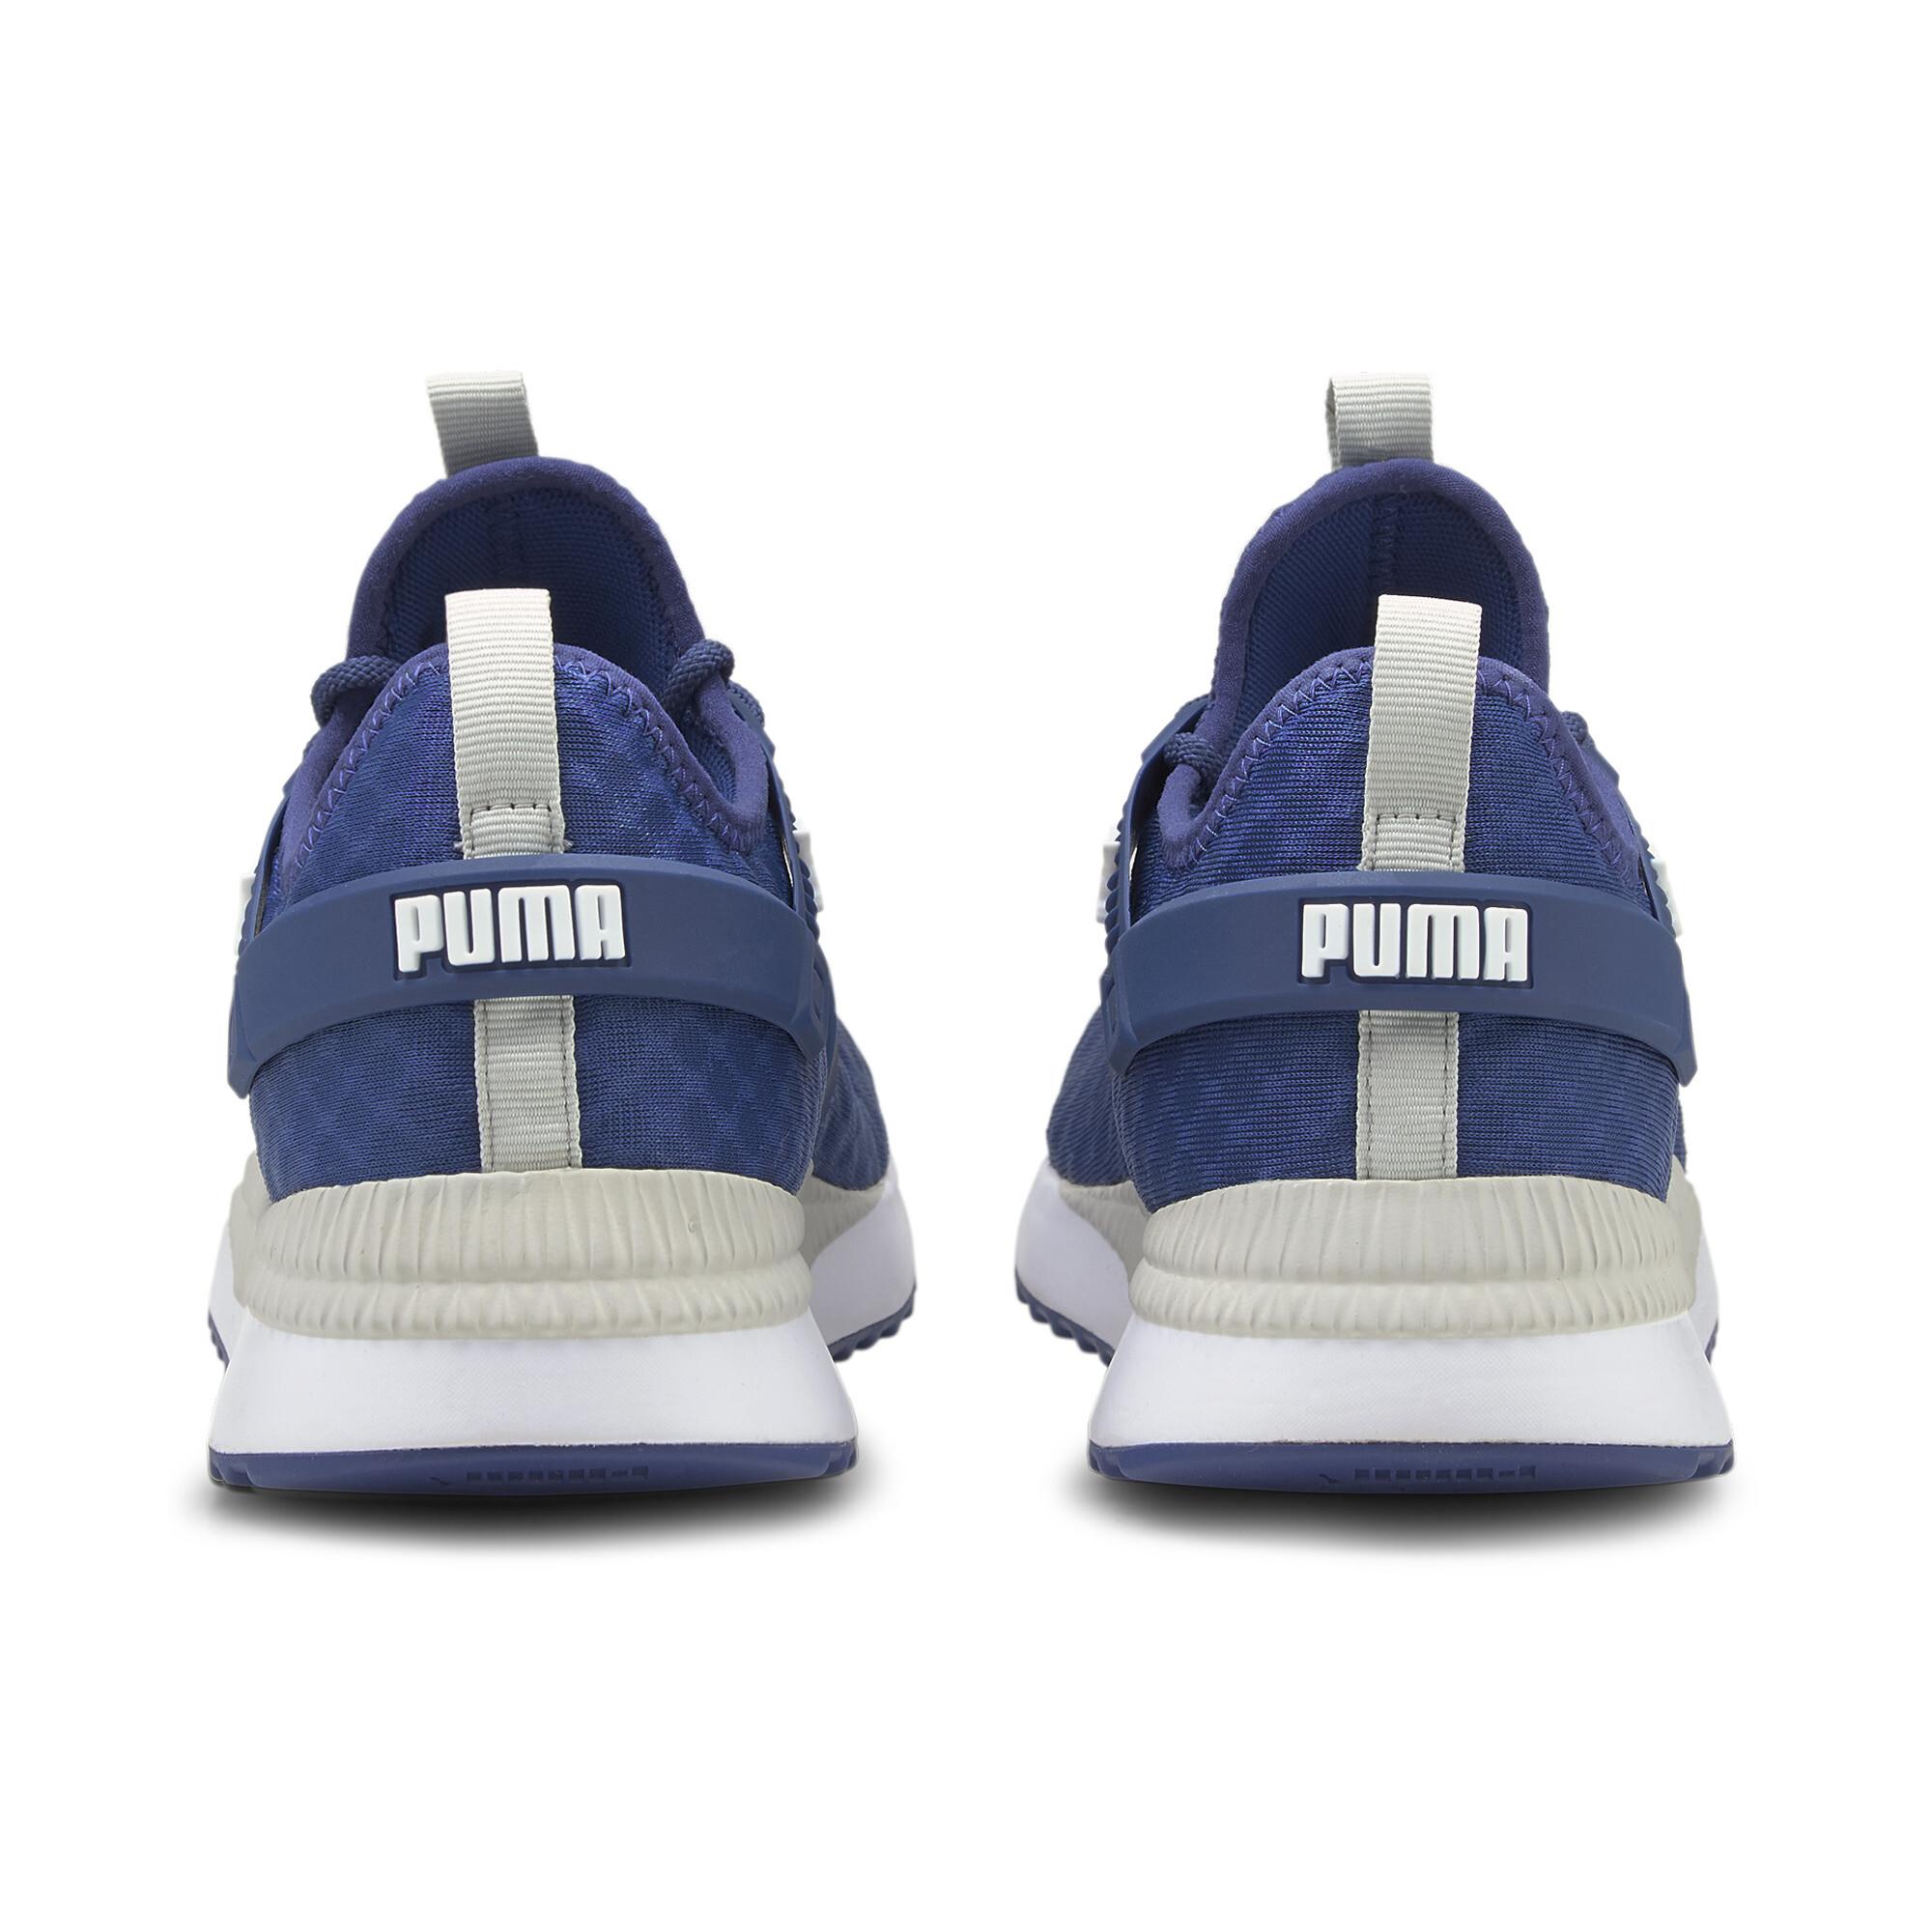 thumbnail 41 - PUMA Men's Pacer Next Excel Core Sneakers